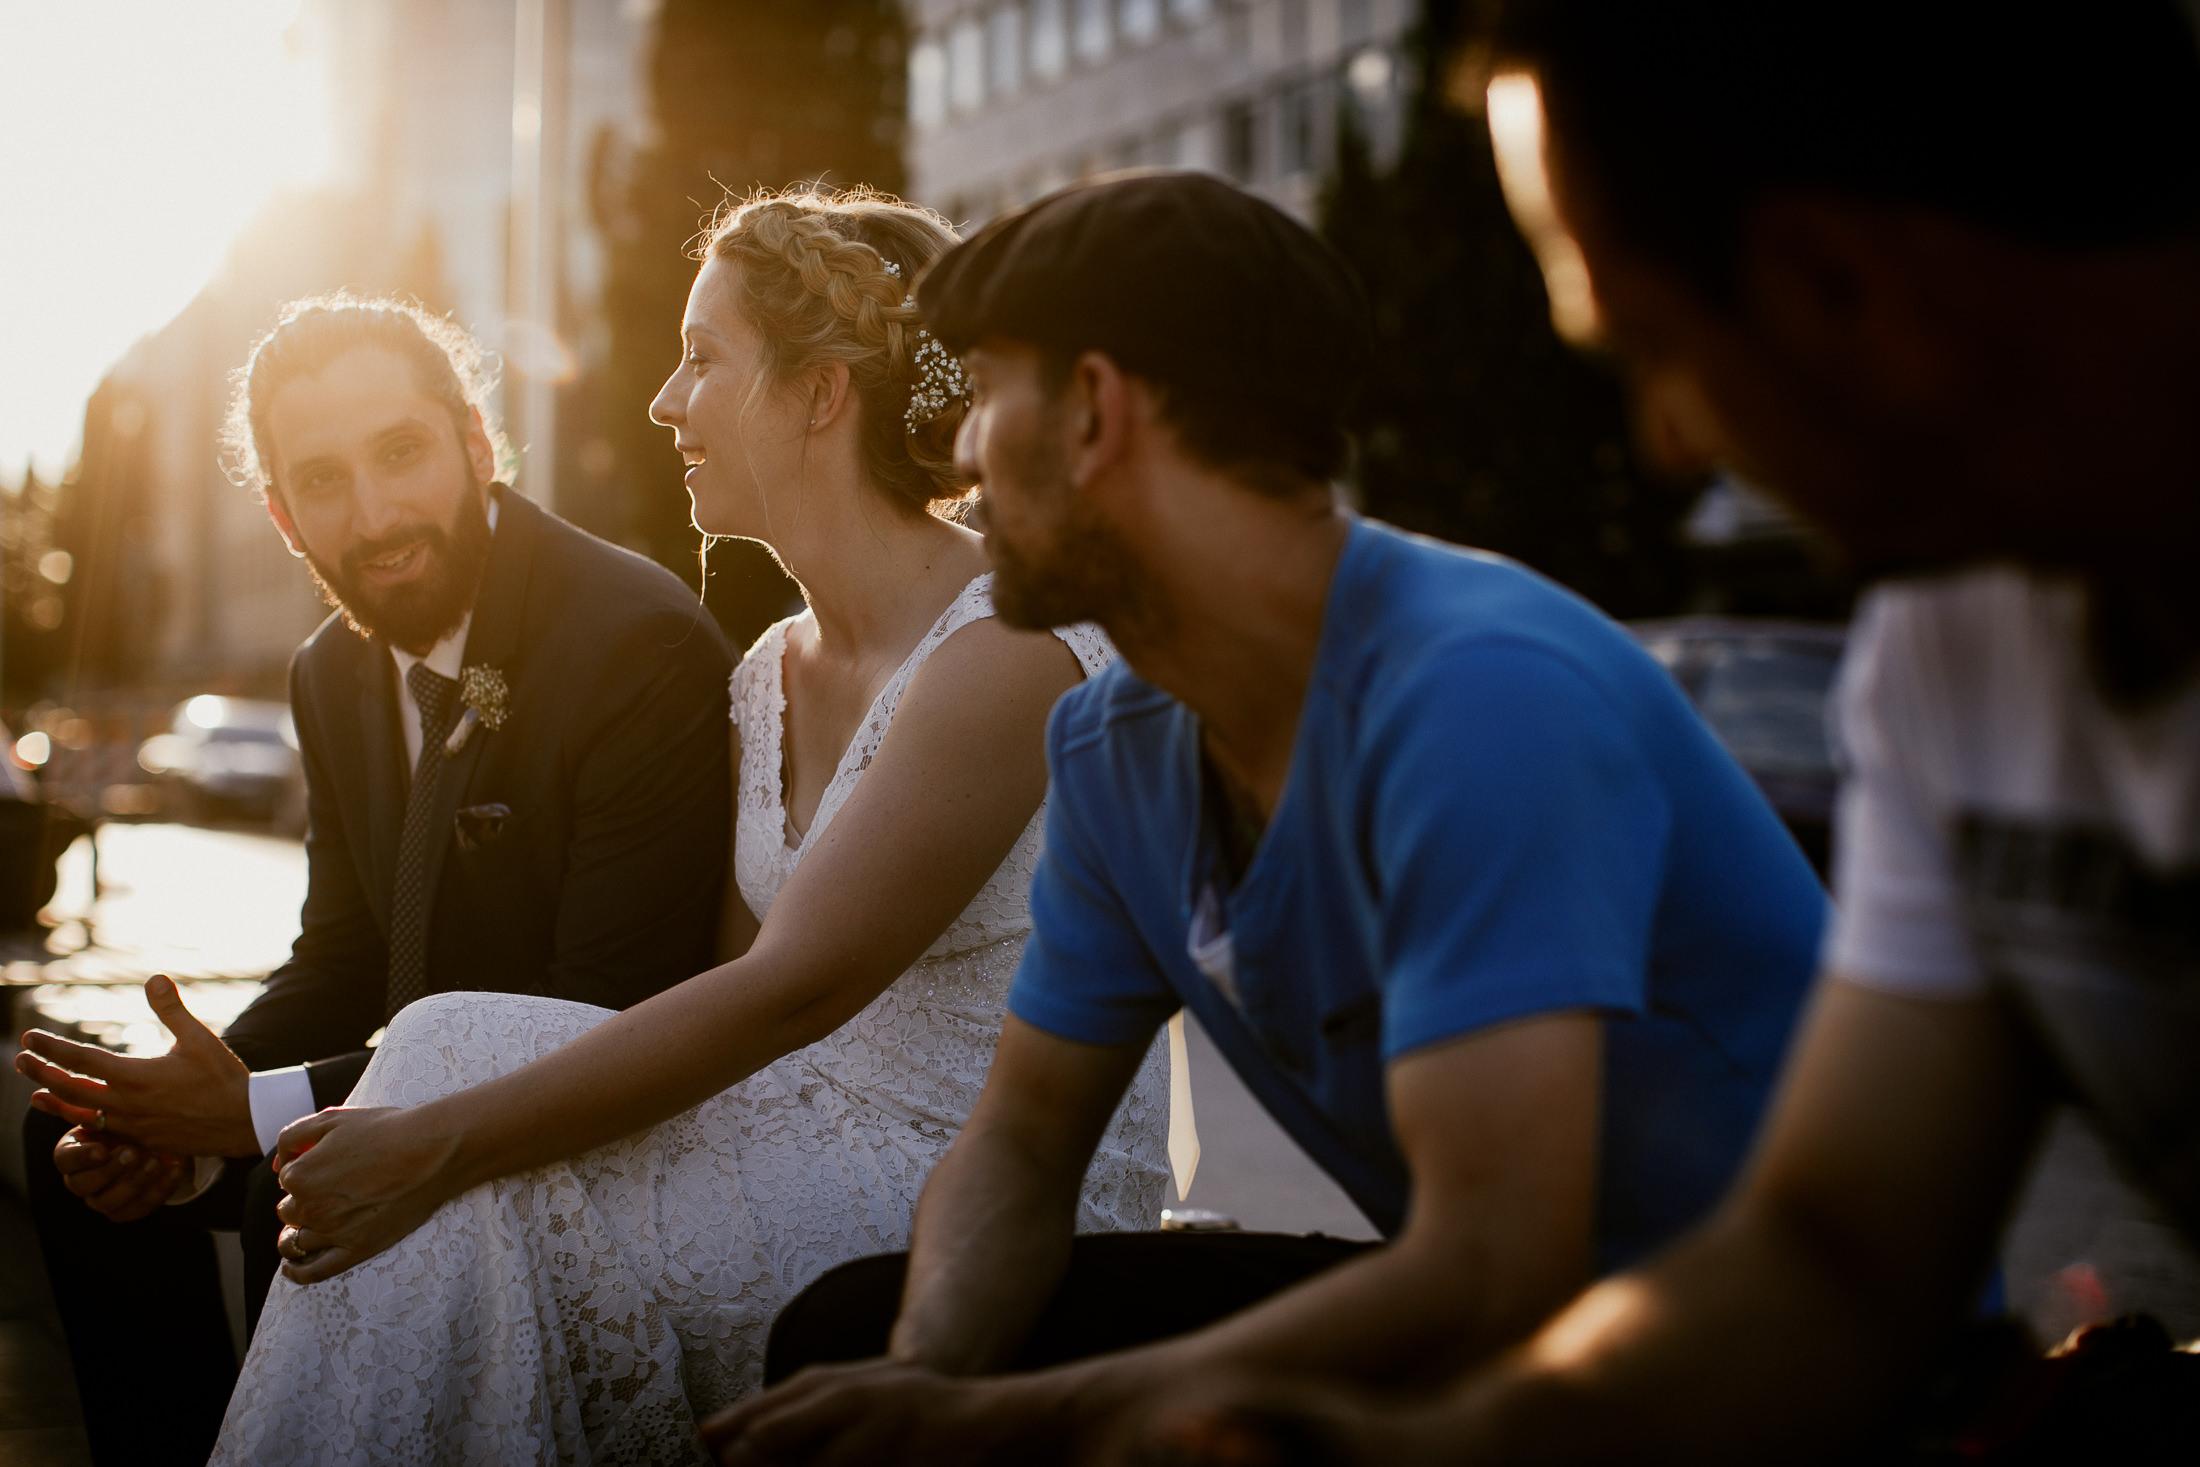 Jessi-Niko-Hochzeit-Nuernberg-city-urban-Bildervomleben-7J0A4736